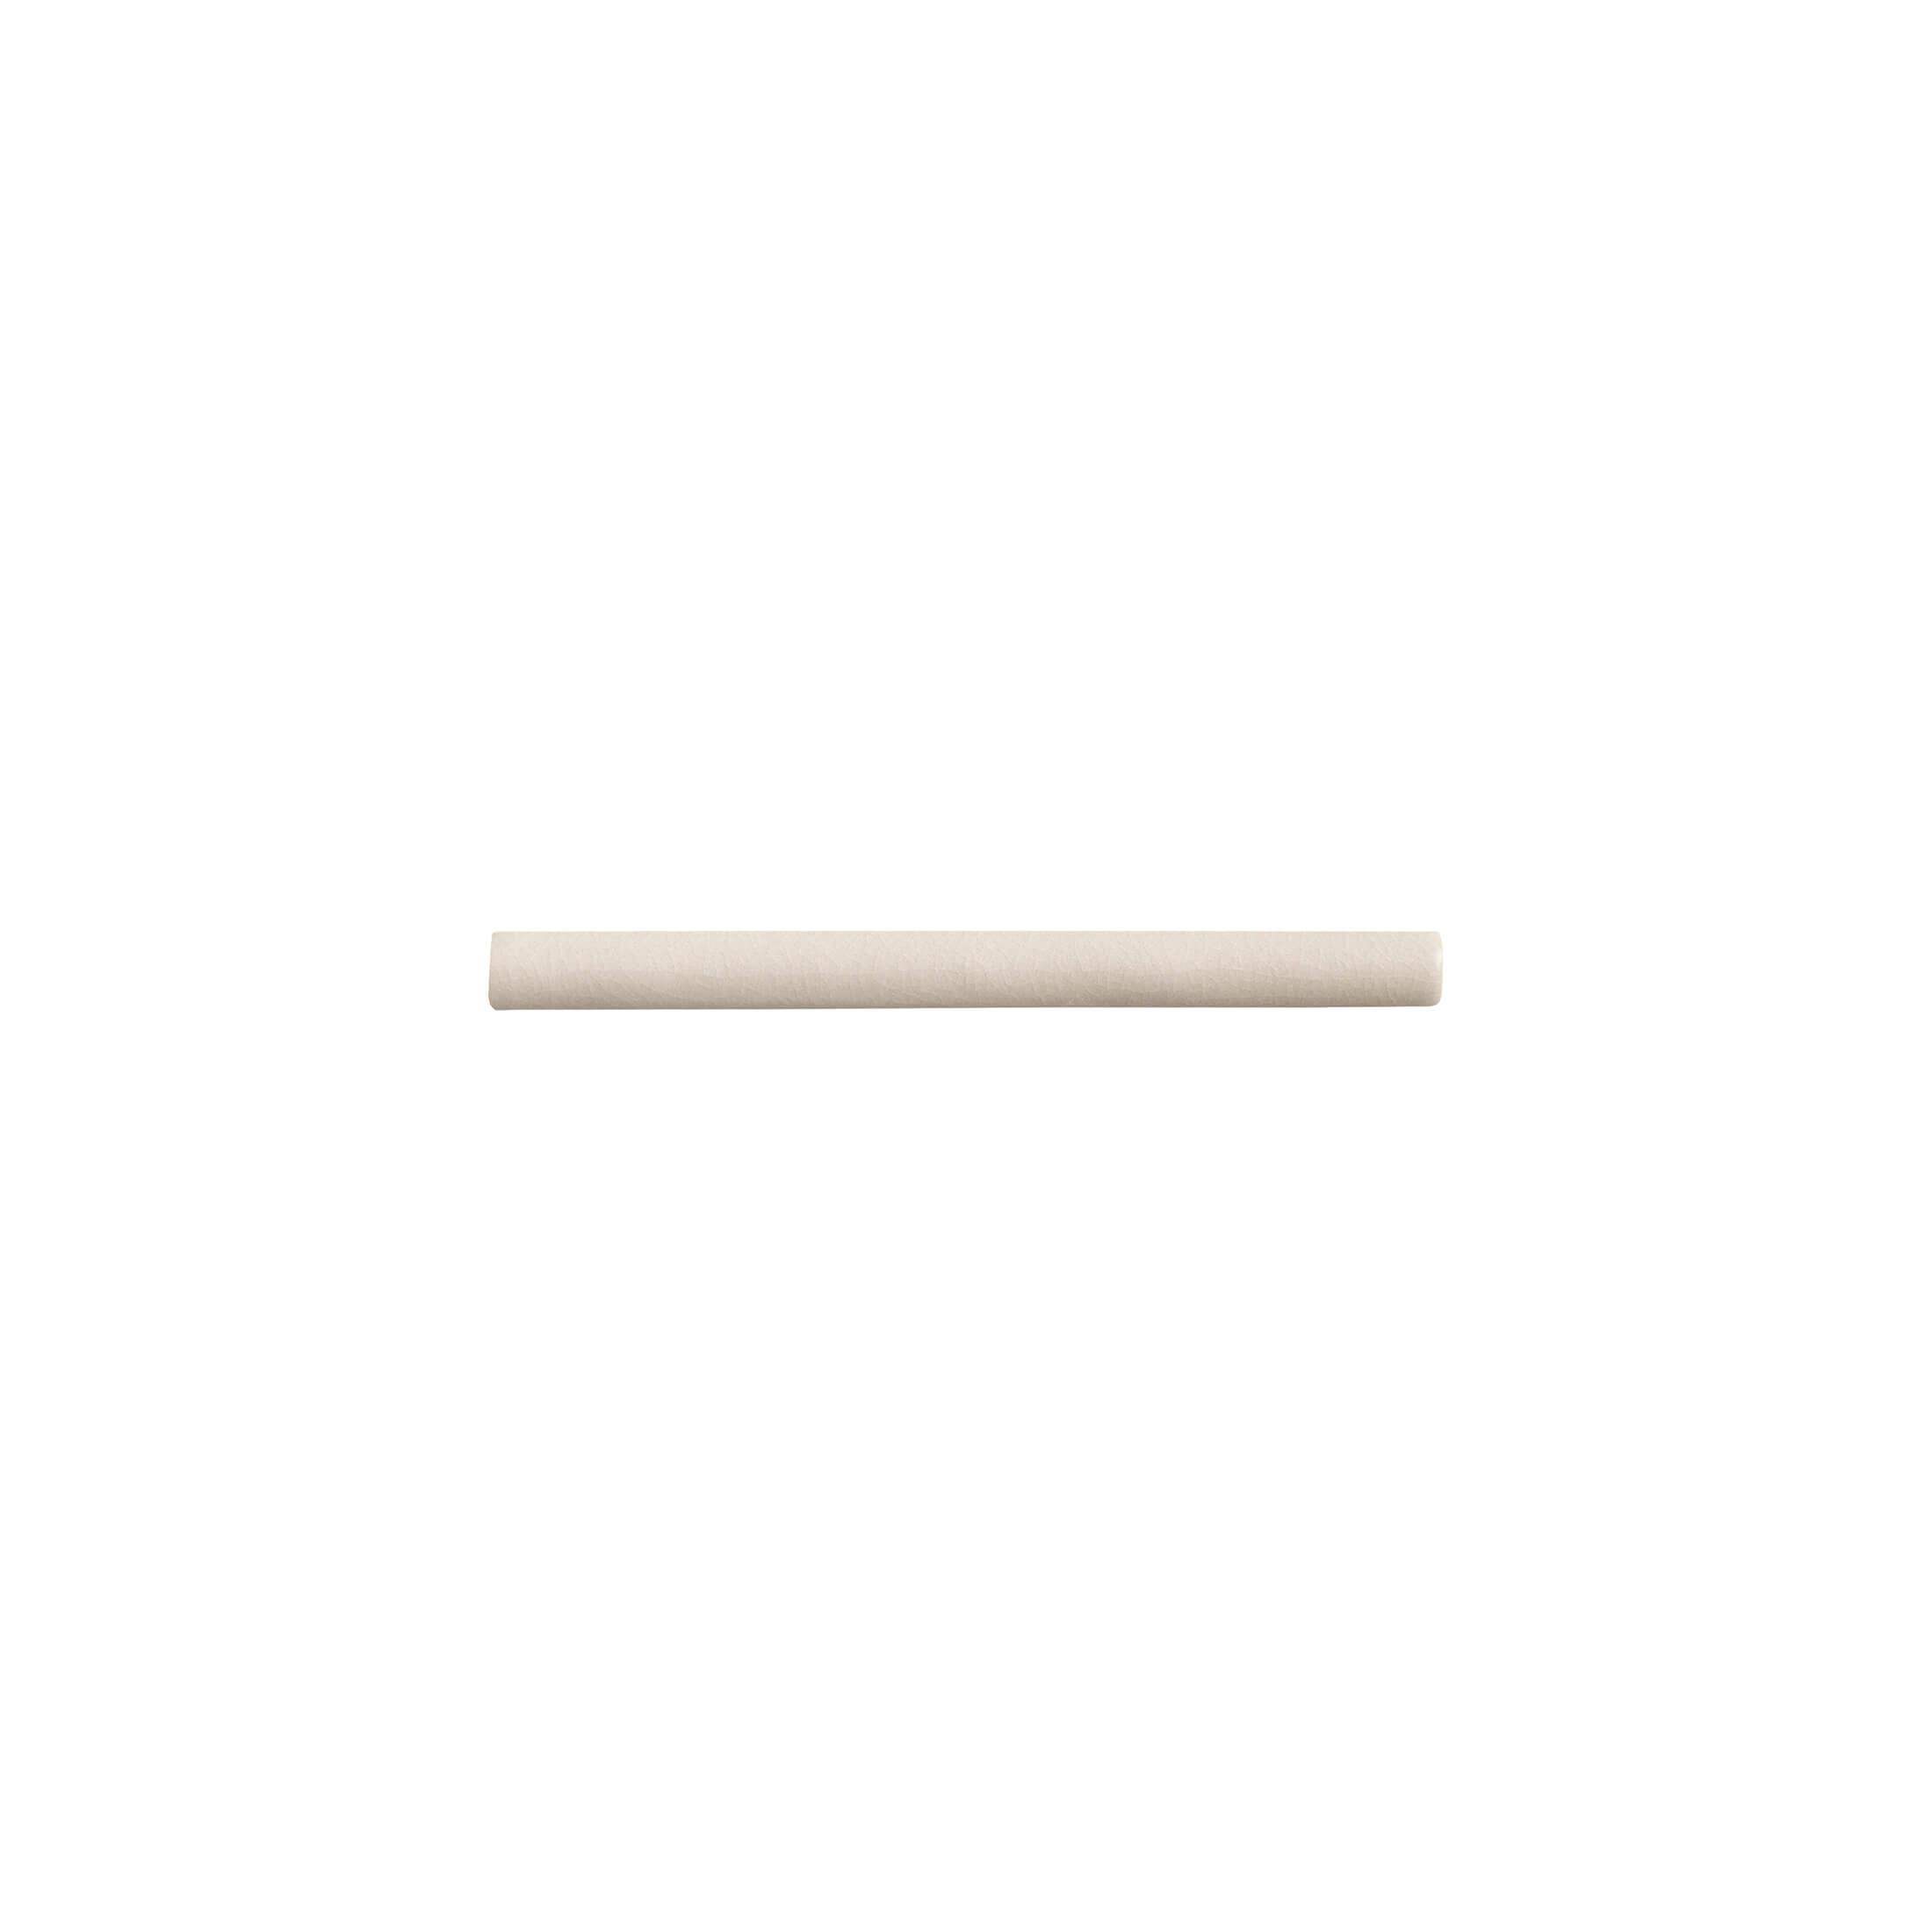 ADEH5016 - BULLNOSE TRIM - 1.2 cm X 15 cm